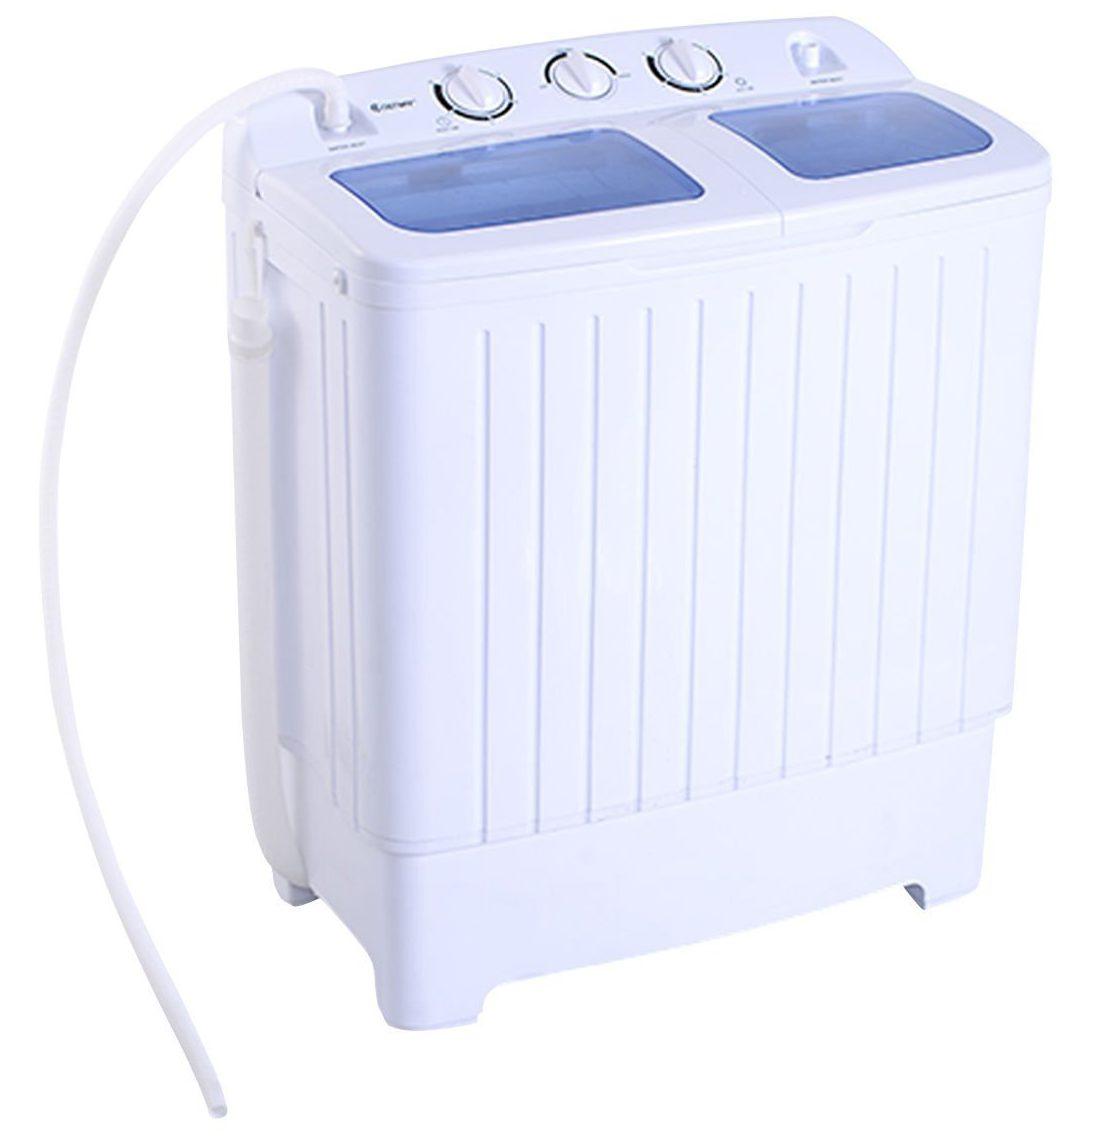 Cheap Washing Machines Under $200 In 2018 - Best Washer ...